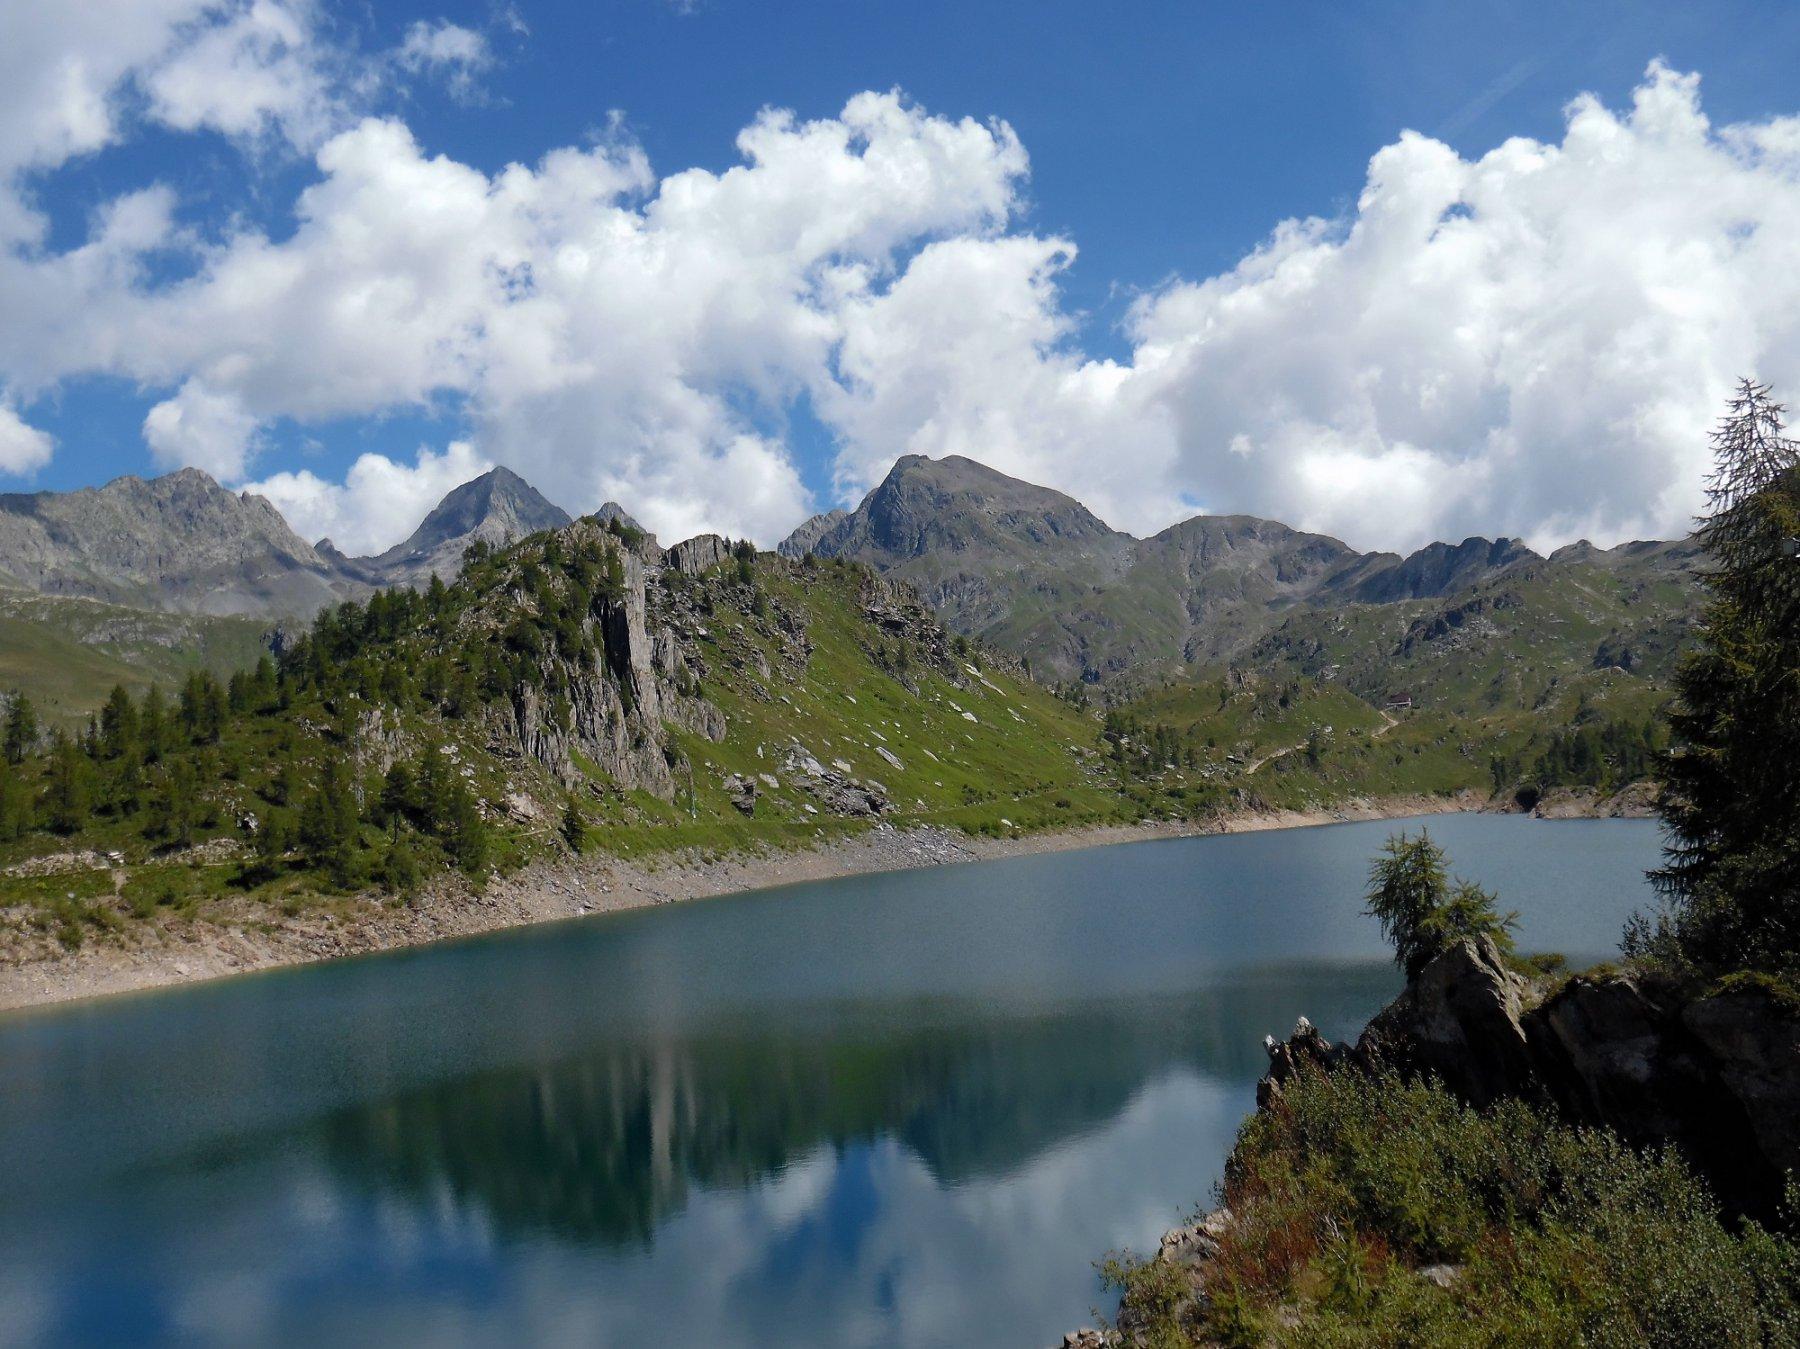 Lago Fregabolgia 1957 m, Diavolo, Diavolino, Grabiasca